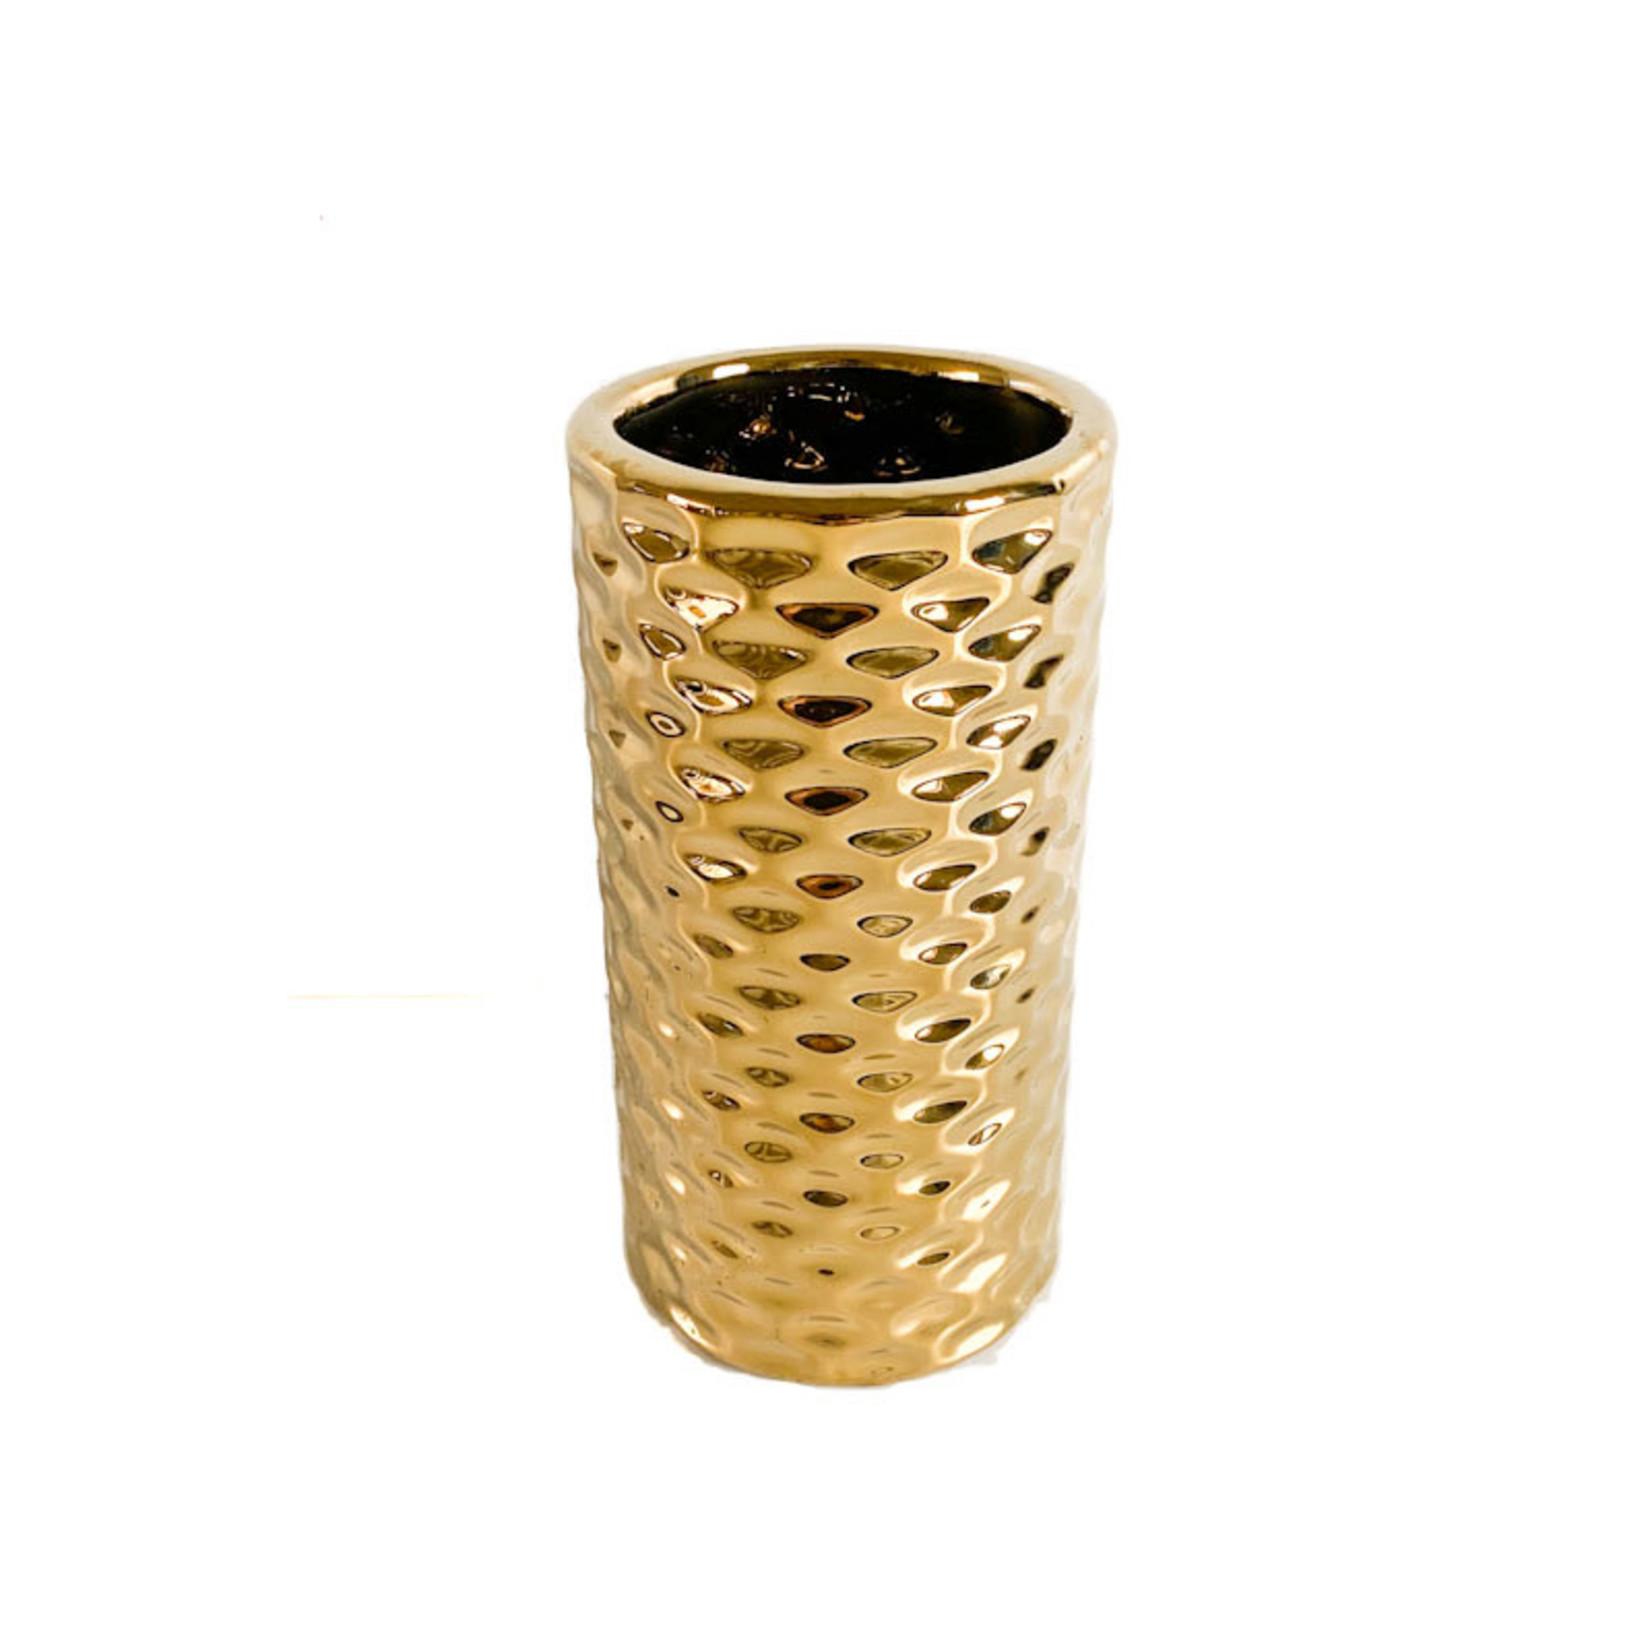 Flower Pot - gold tall round